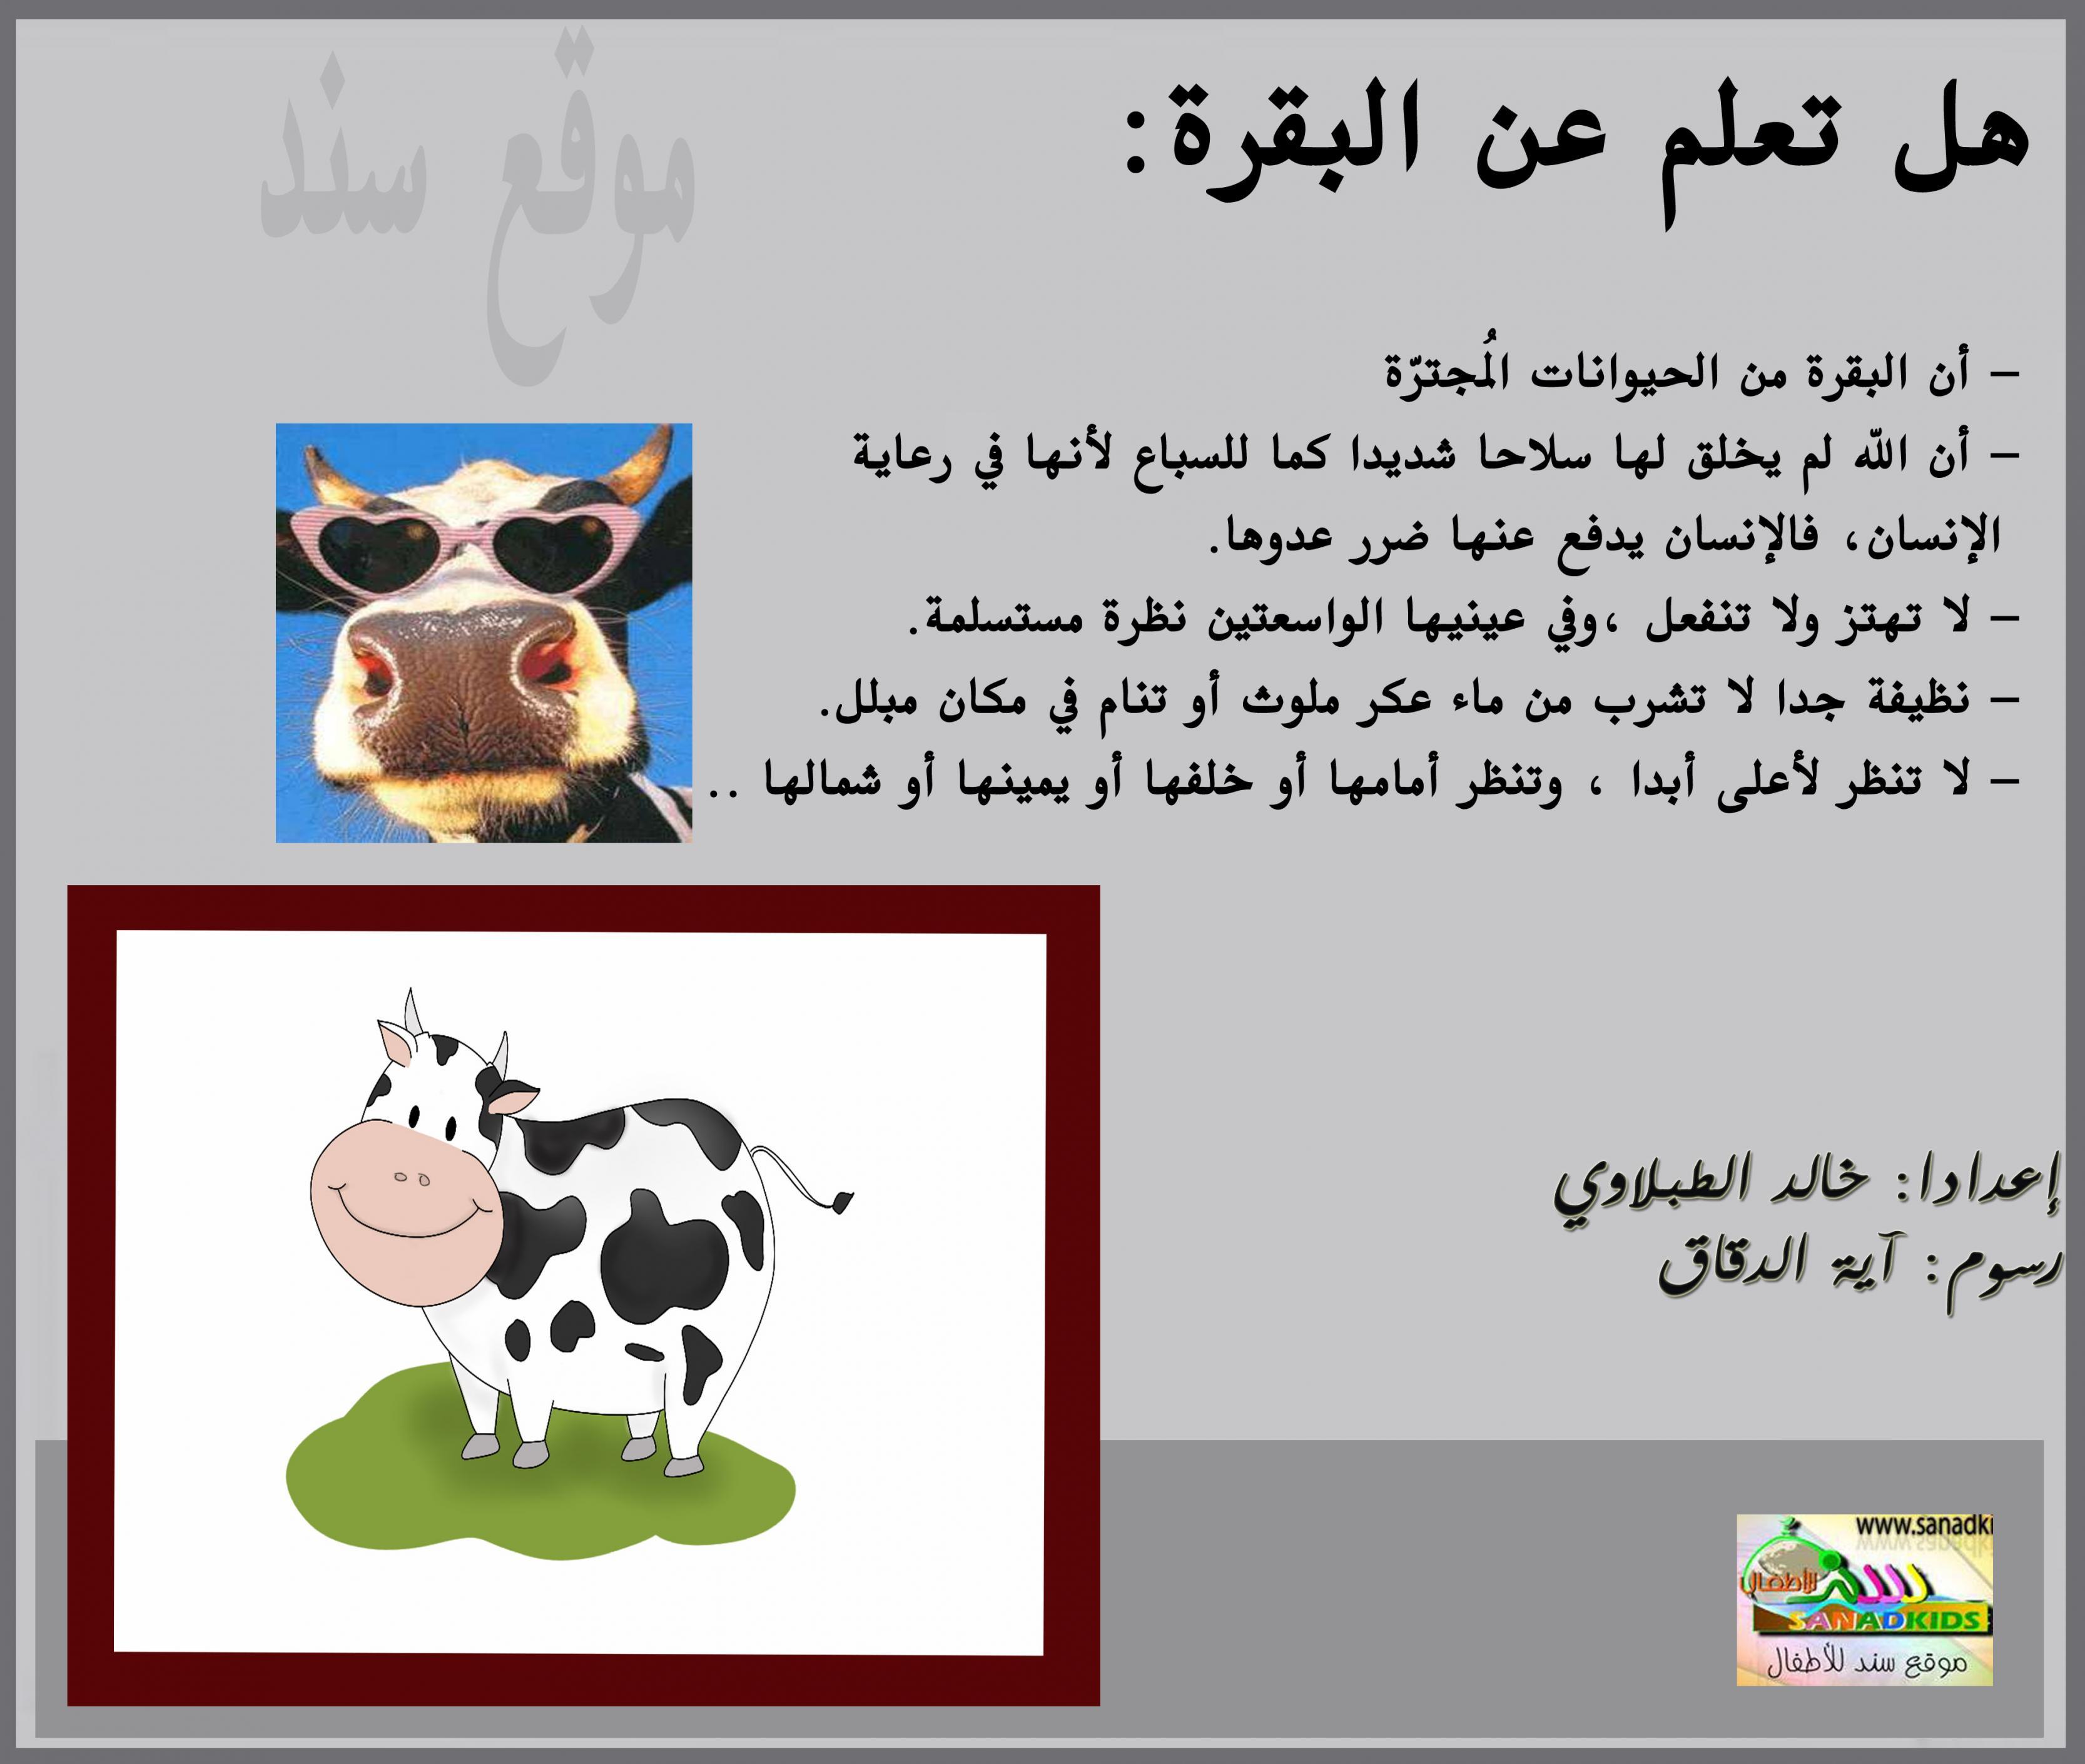 صورة هل تعلم عن الحيوانات , معلومات لم تسمع عنها من قبل سبحان الله 3620 6